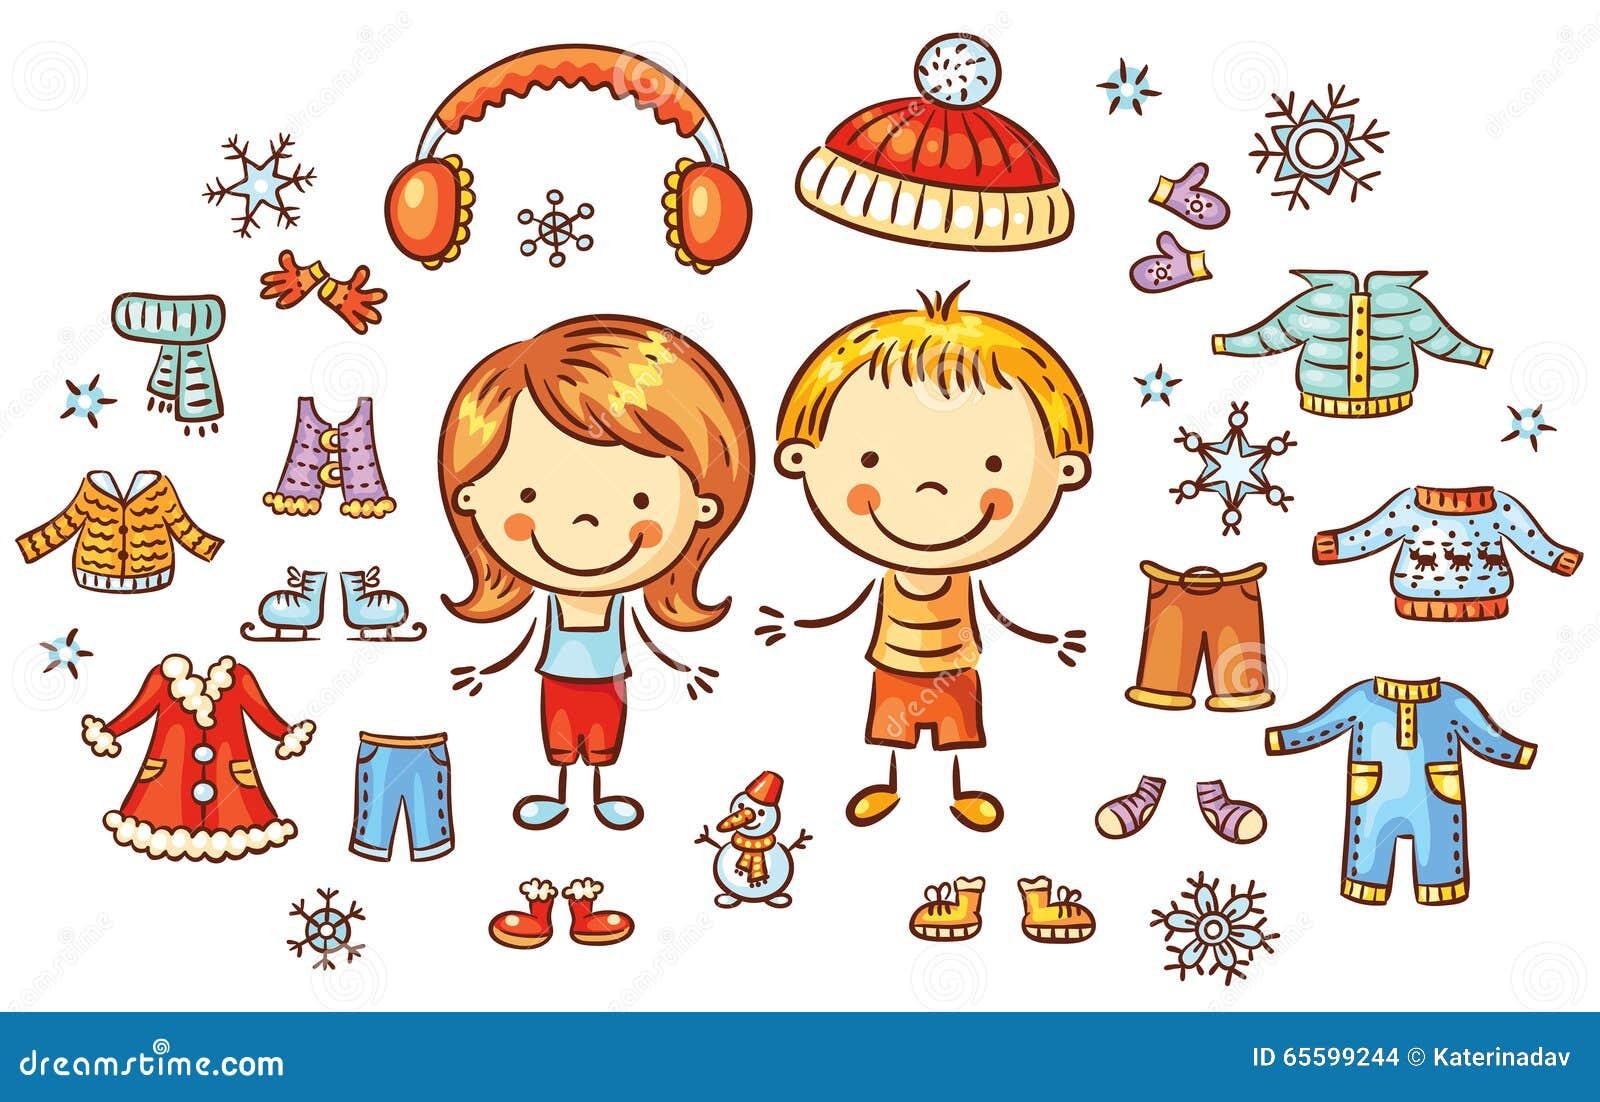 La ropa del invierno fijada para un muchacho y una muchacha, artículos se puede poner